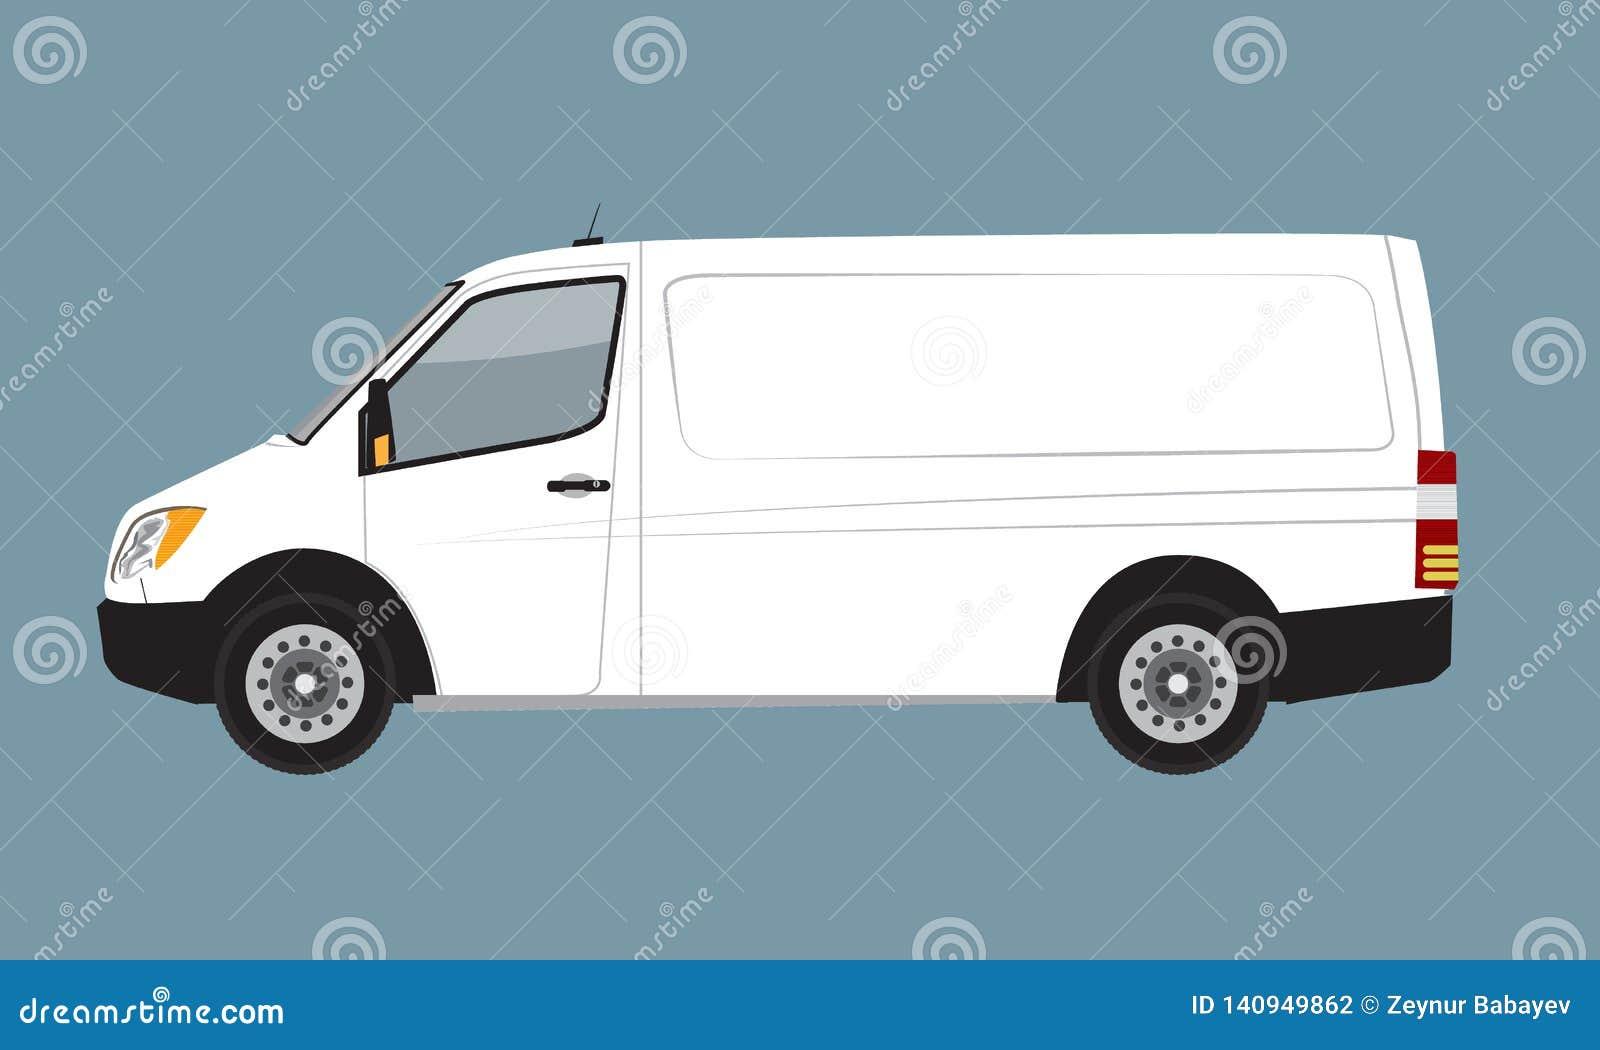 Άσπρη χλεύη επιχειρησιακών φορτηγών φορτίου επάνω για το εμπορικό σήμα και την εταιρική ταυτότητα Freight Mini Van Vehicle επίπεδ